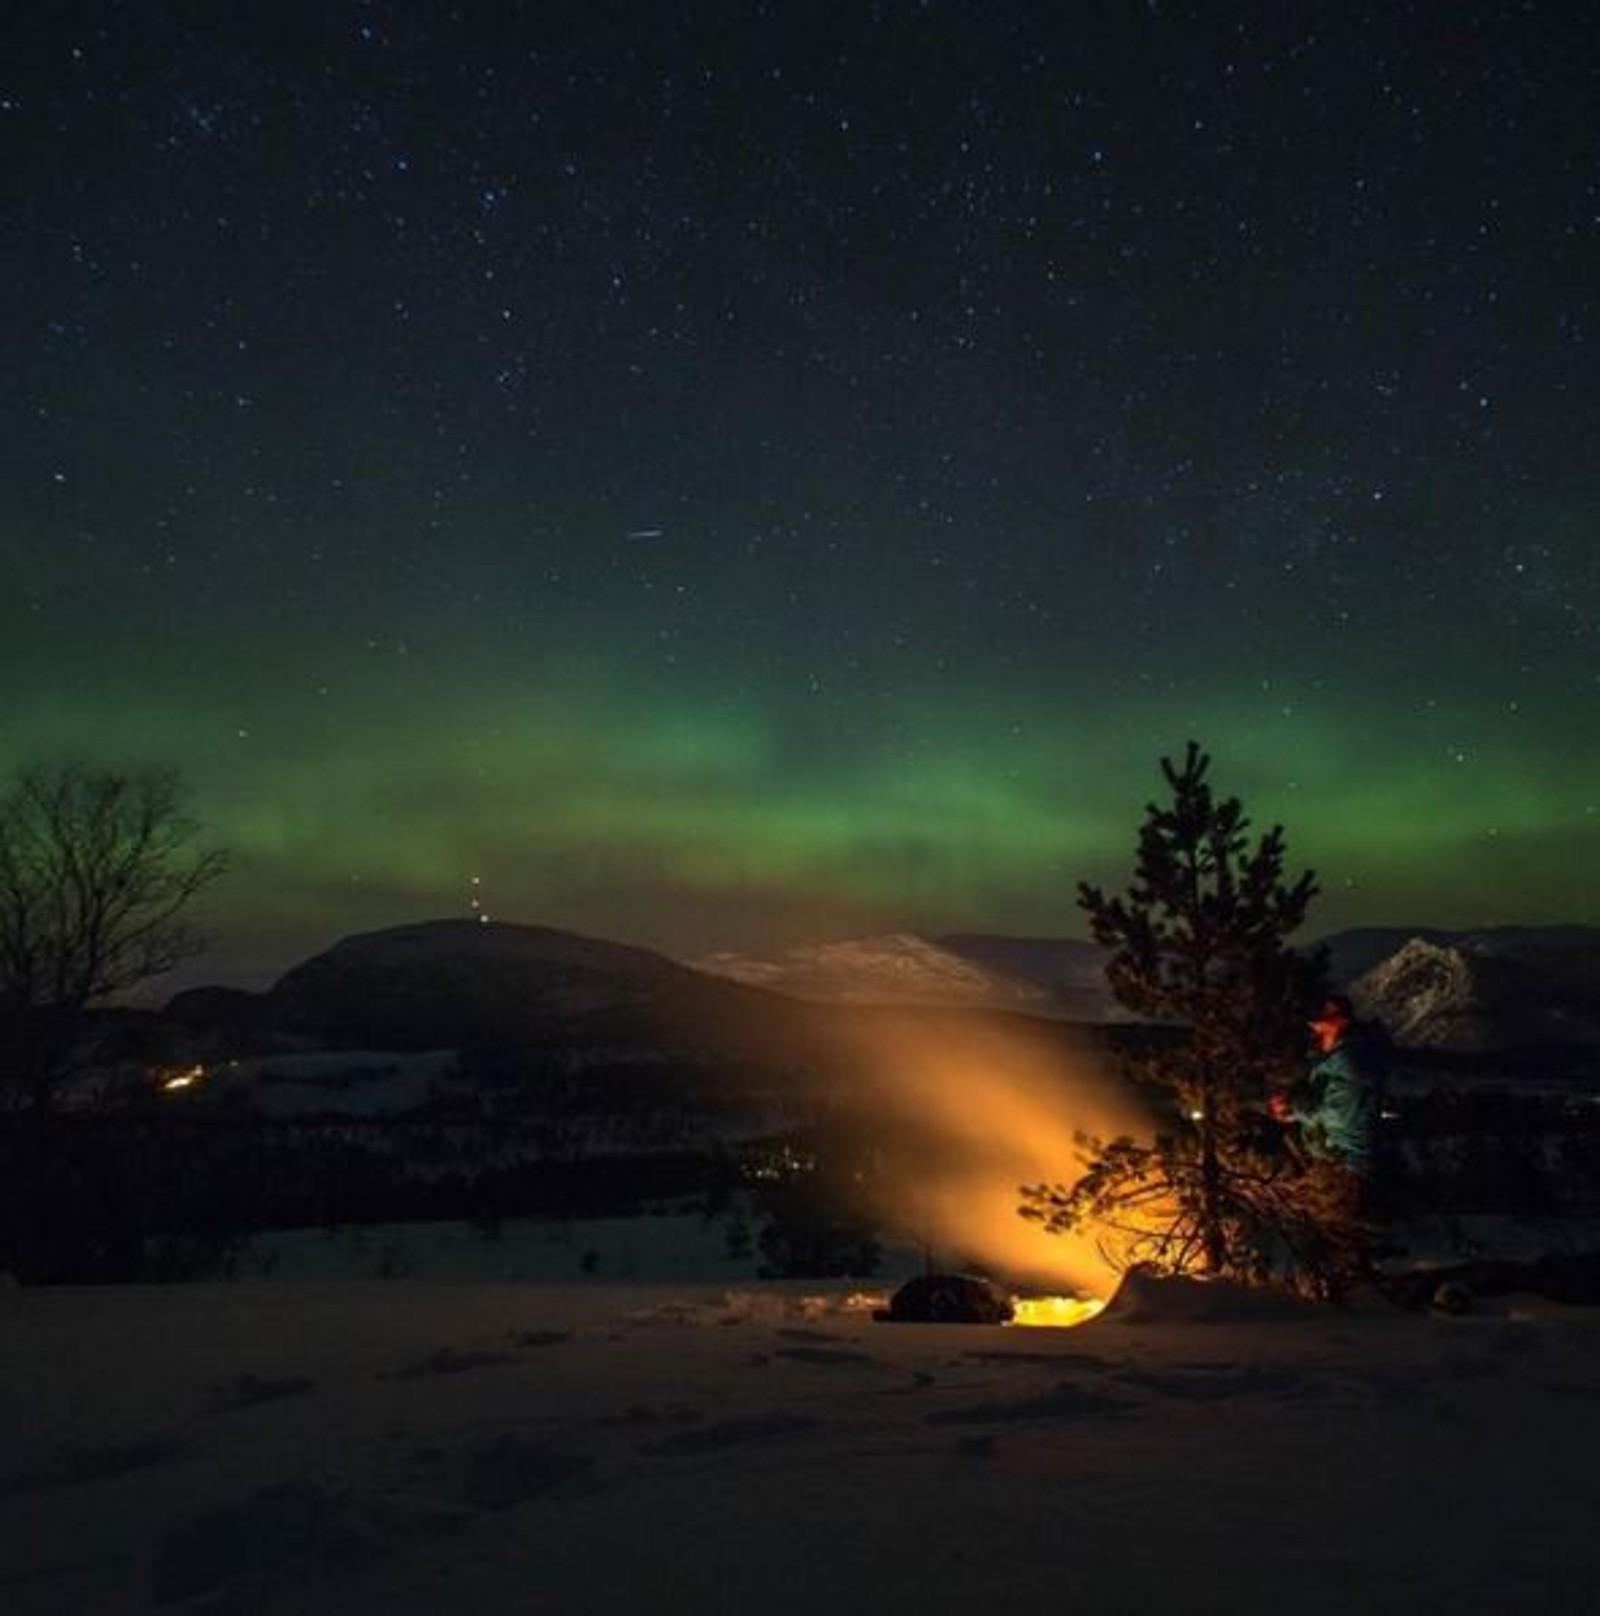 FØRDE: Nordlys over Førde